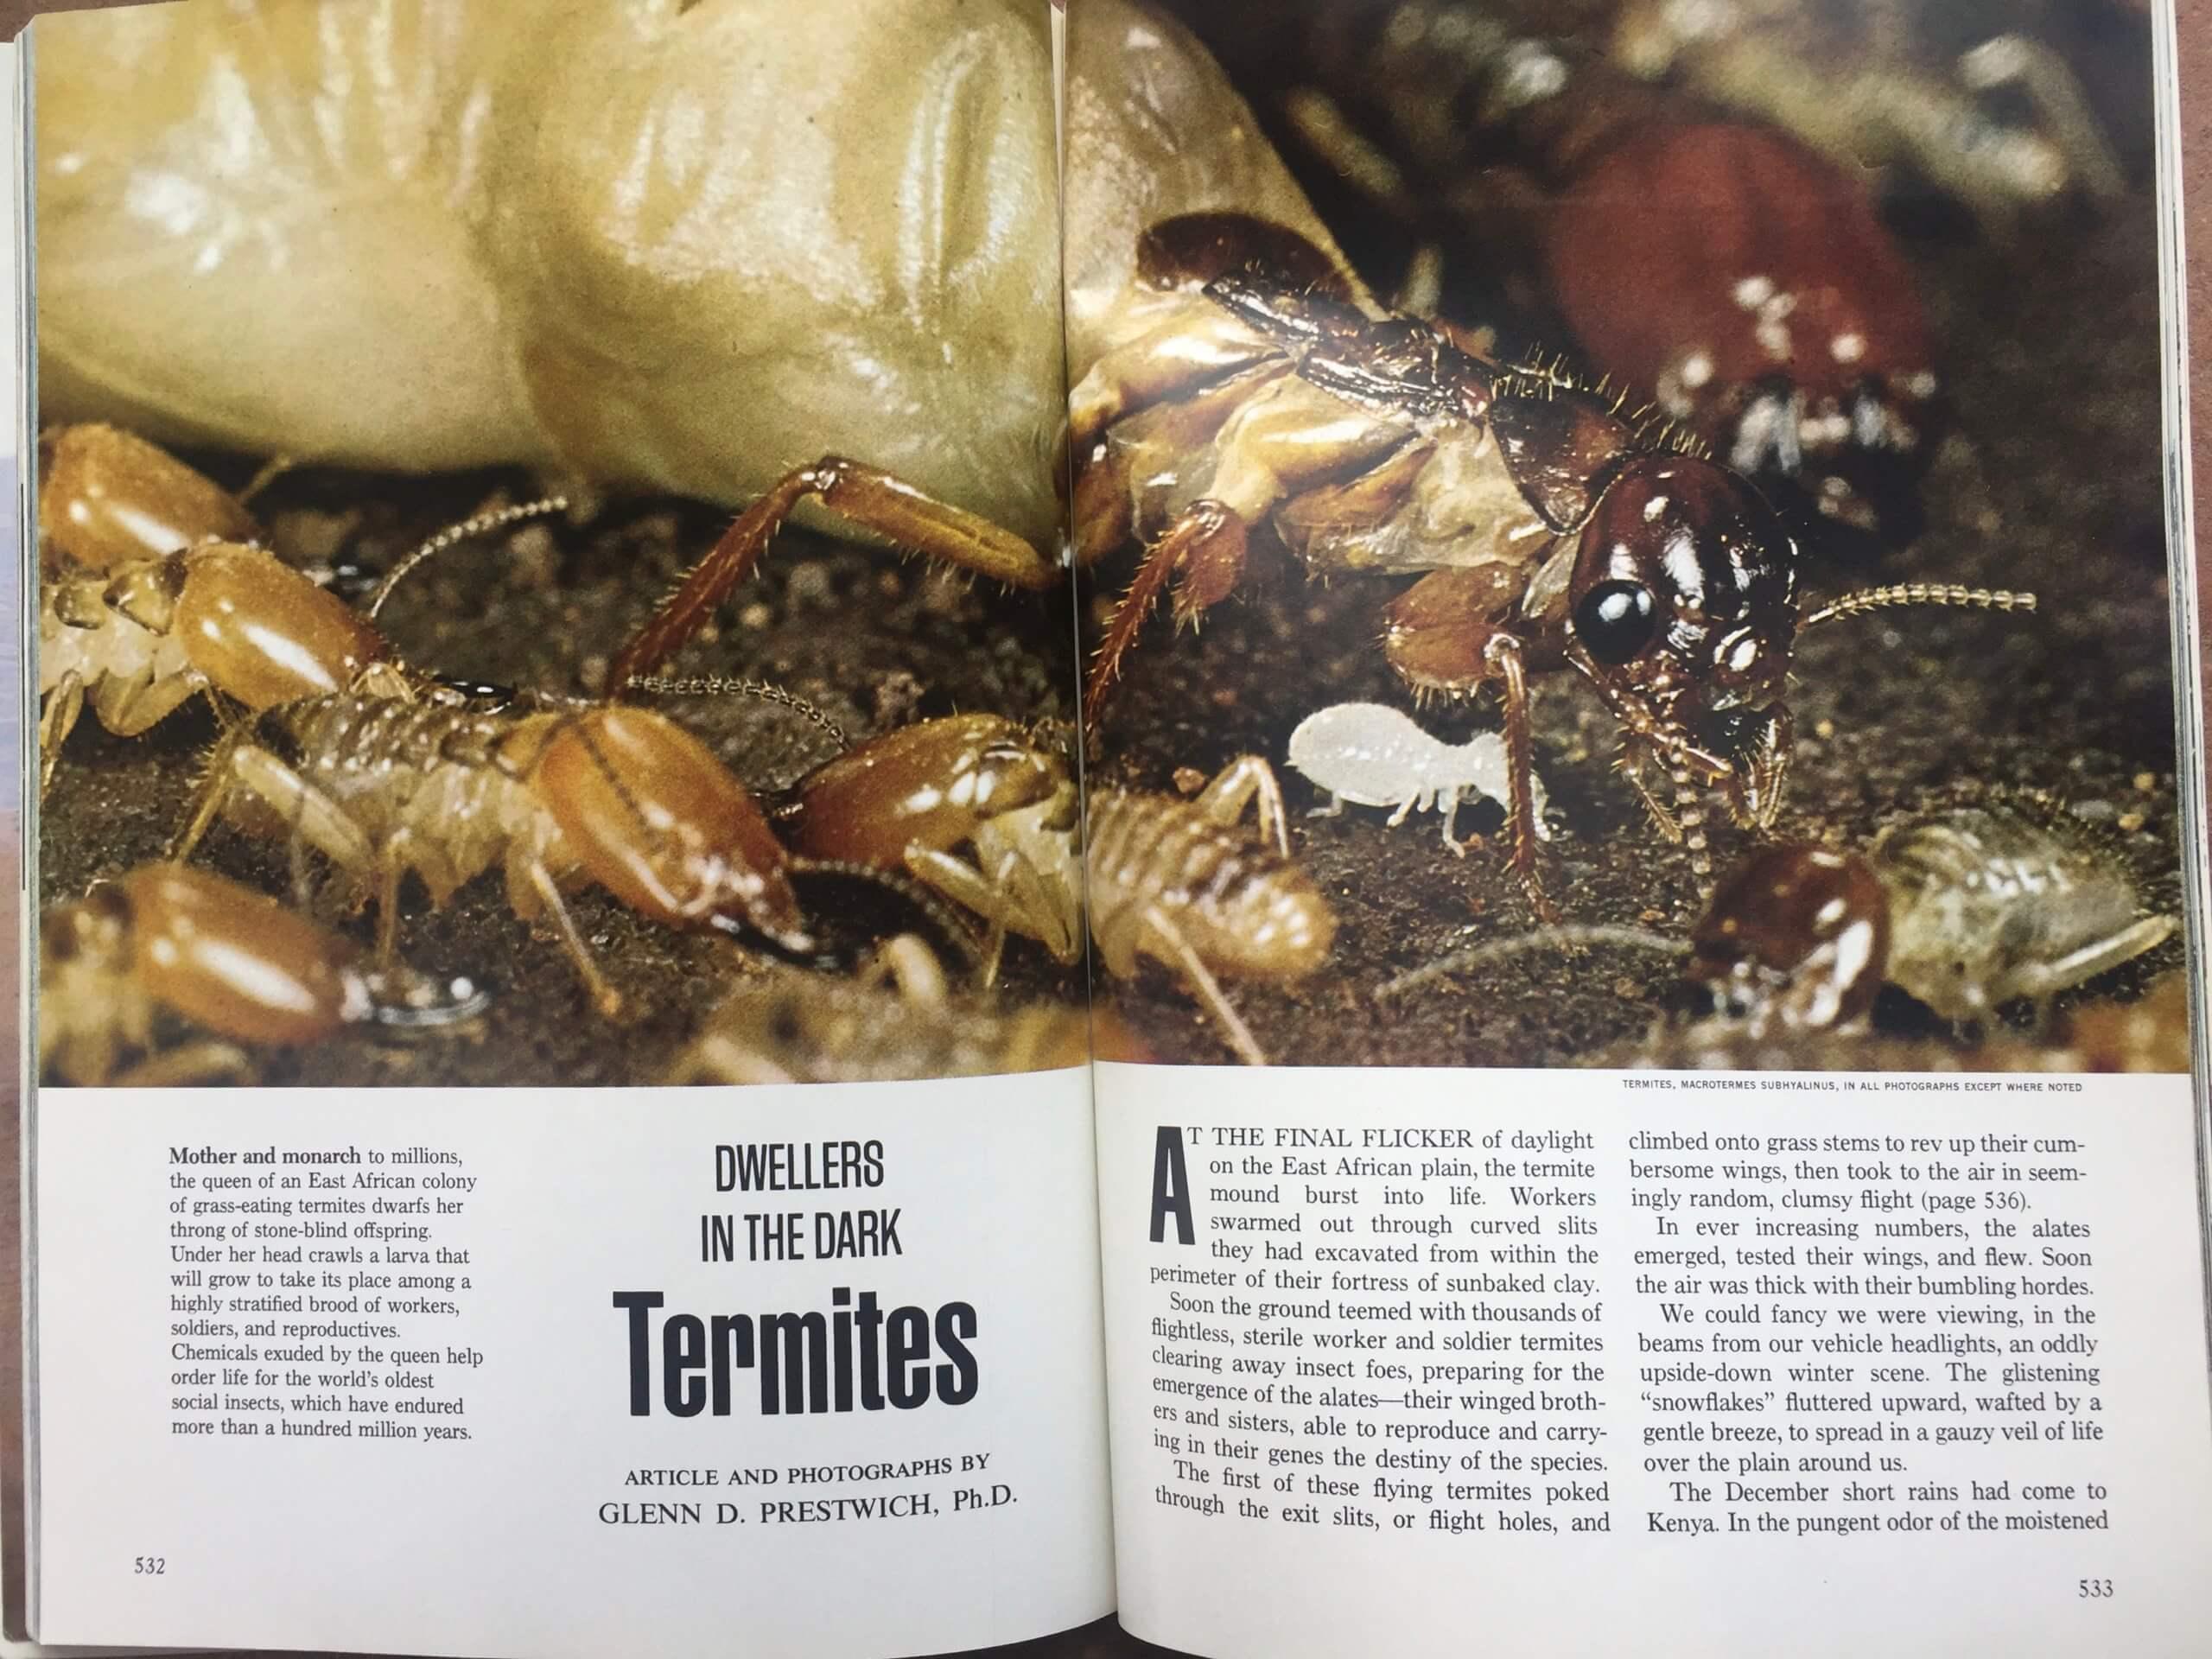 Dwellers in the Dark: Termites